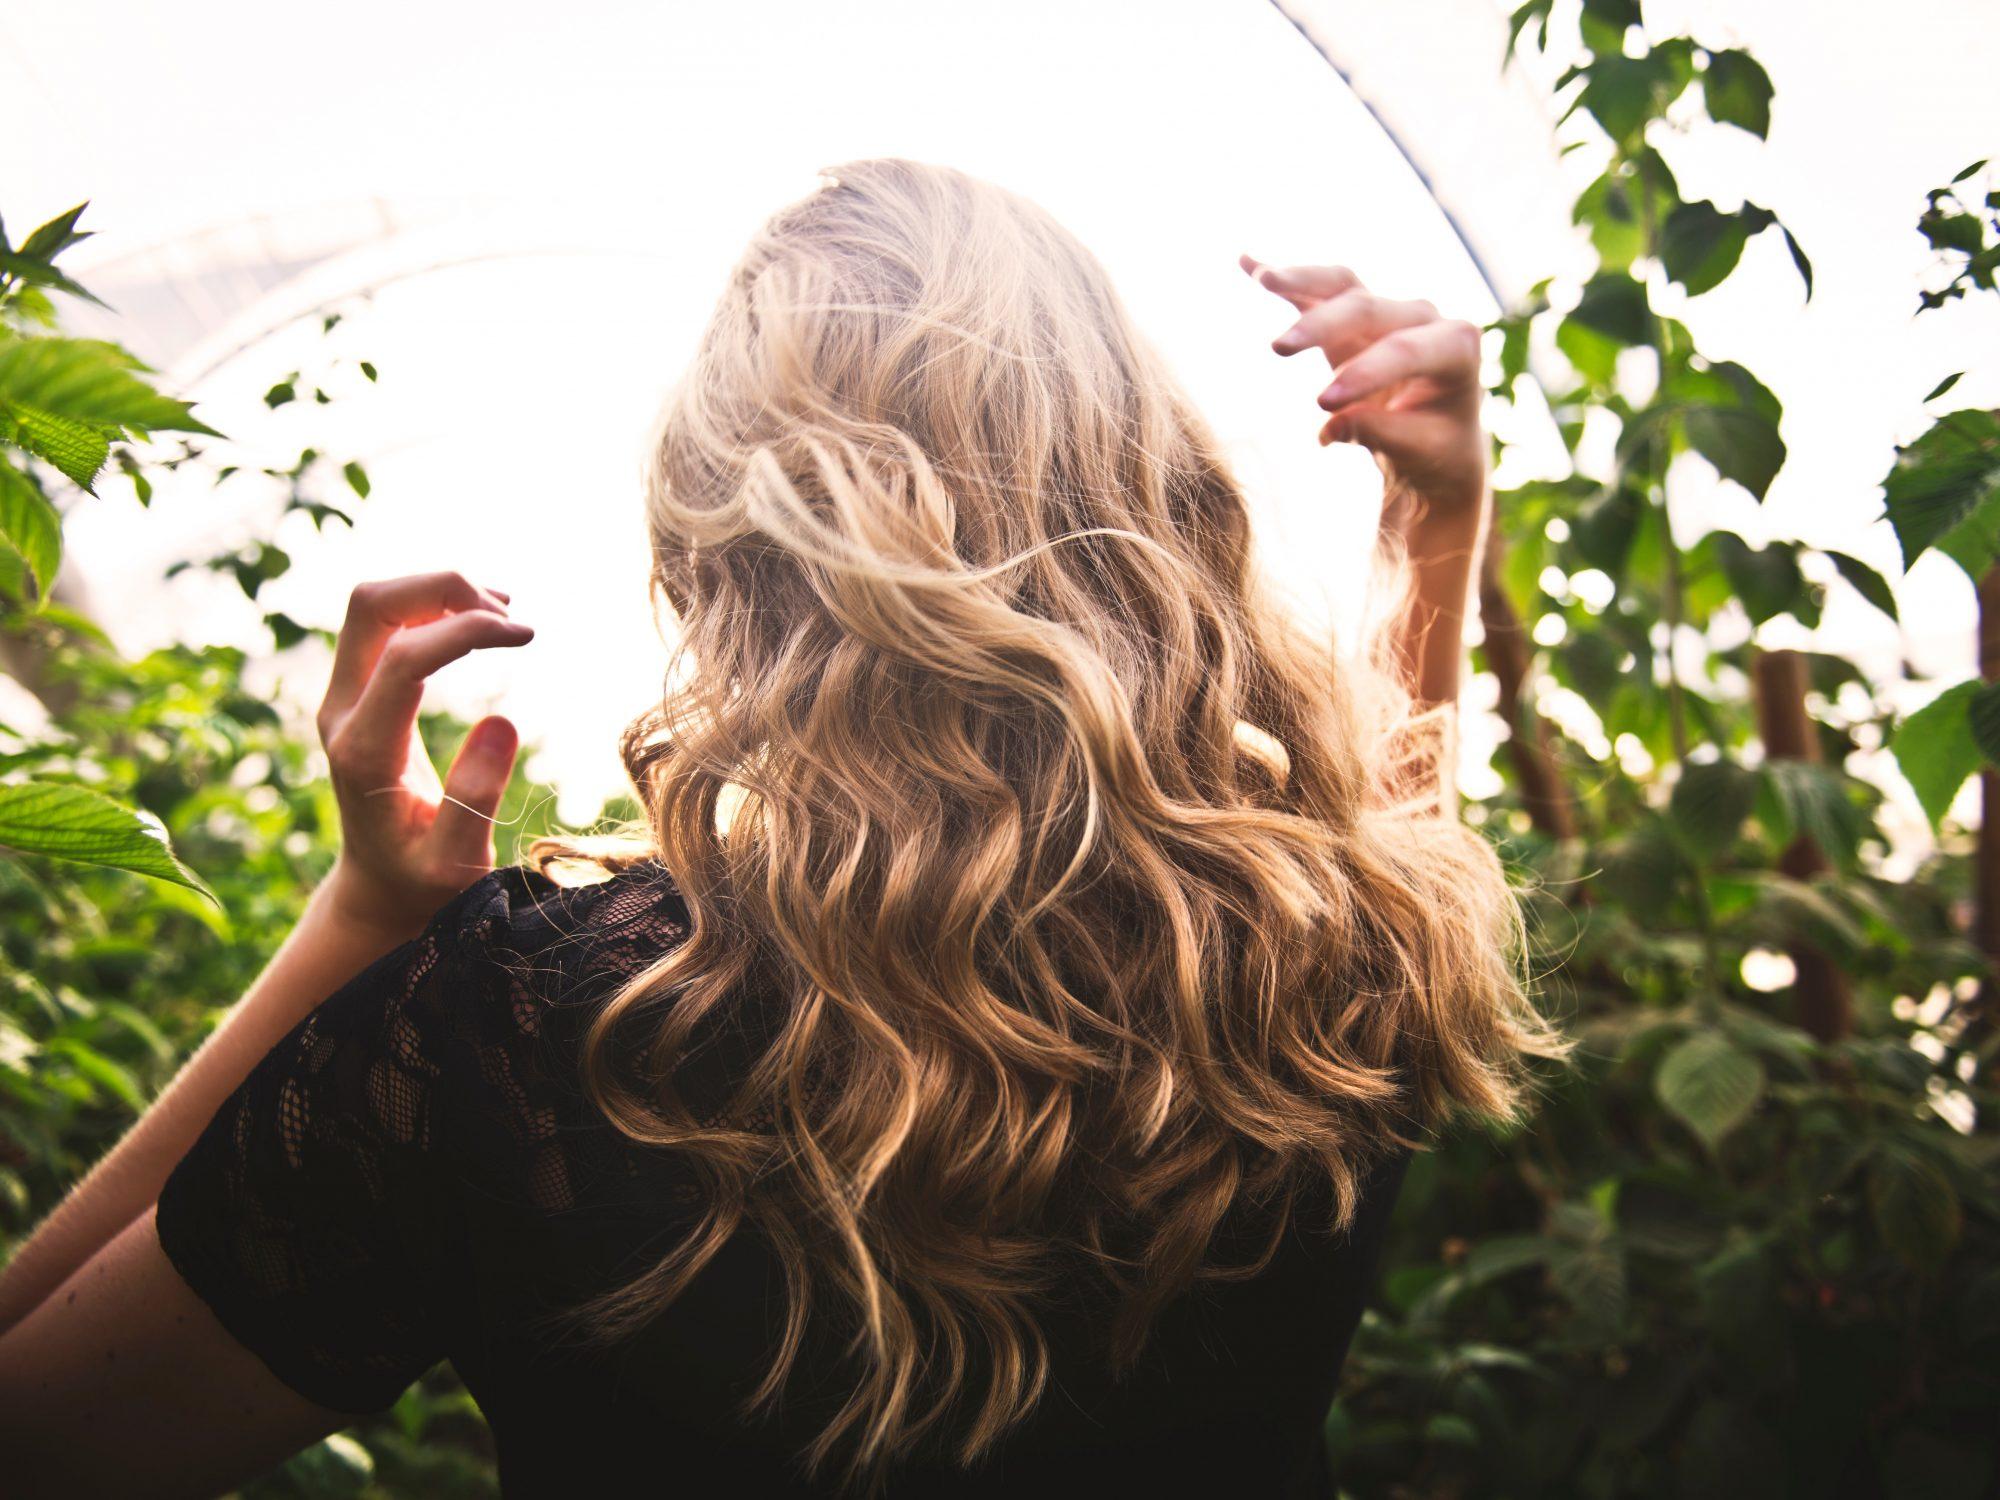 Love-4-Labels-Vet-Haar-Voorkomen